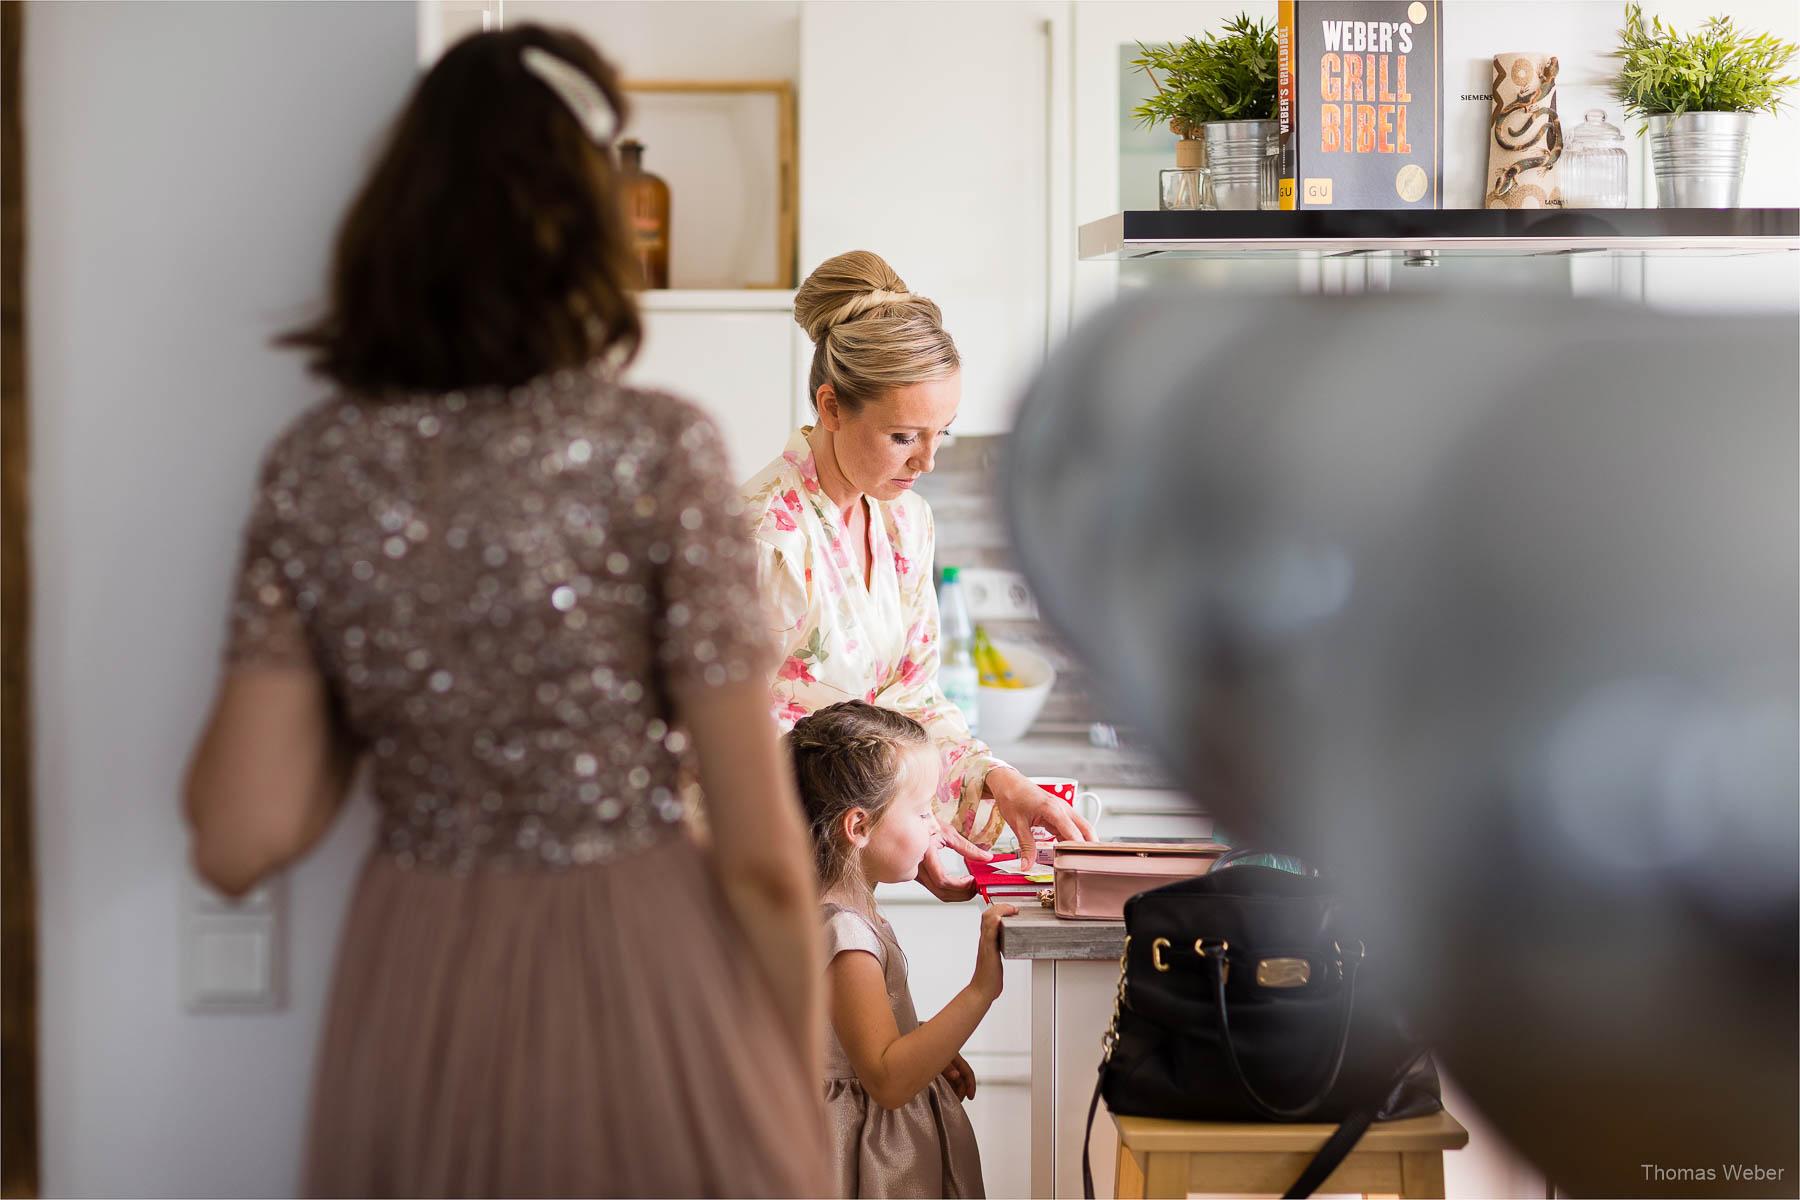 Vorbereitungen und Ankleide der Braut, Kirchliche Hochzeit in Rastede und Hochzeitsfeier in der Scheune St. Georg Rastede, Hochzeitsfotograf Thomas Weber aus Oldenburg